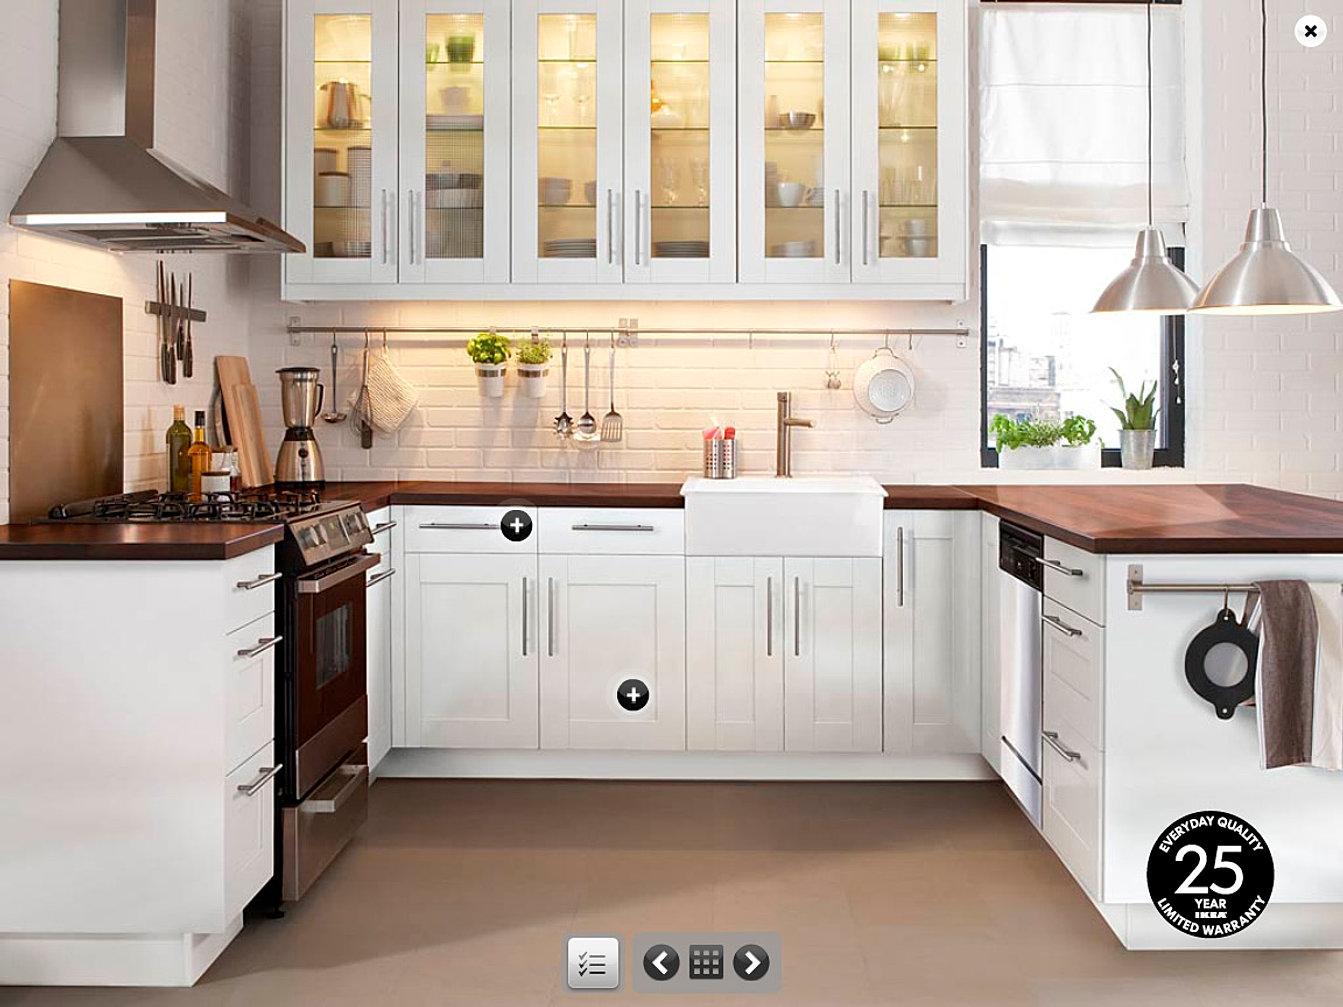 Ikea Kitchen Installers Kitchen Installation Services - Ikea kitchen design service